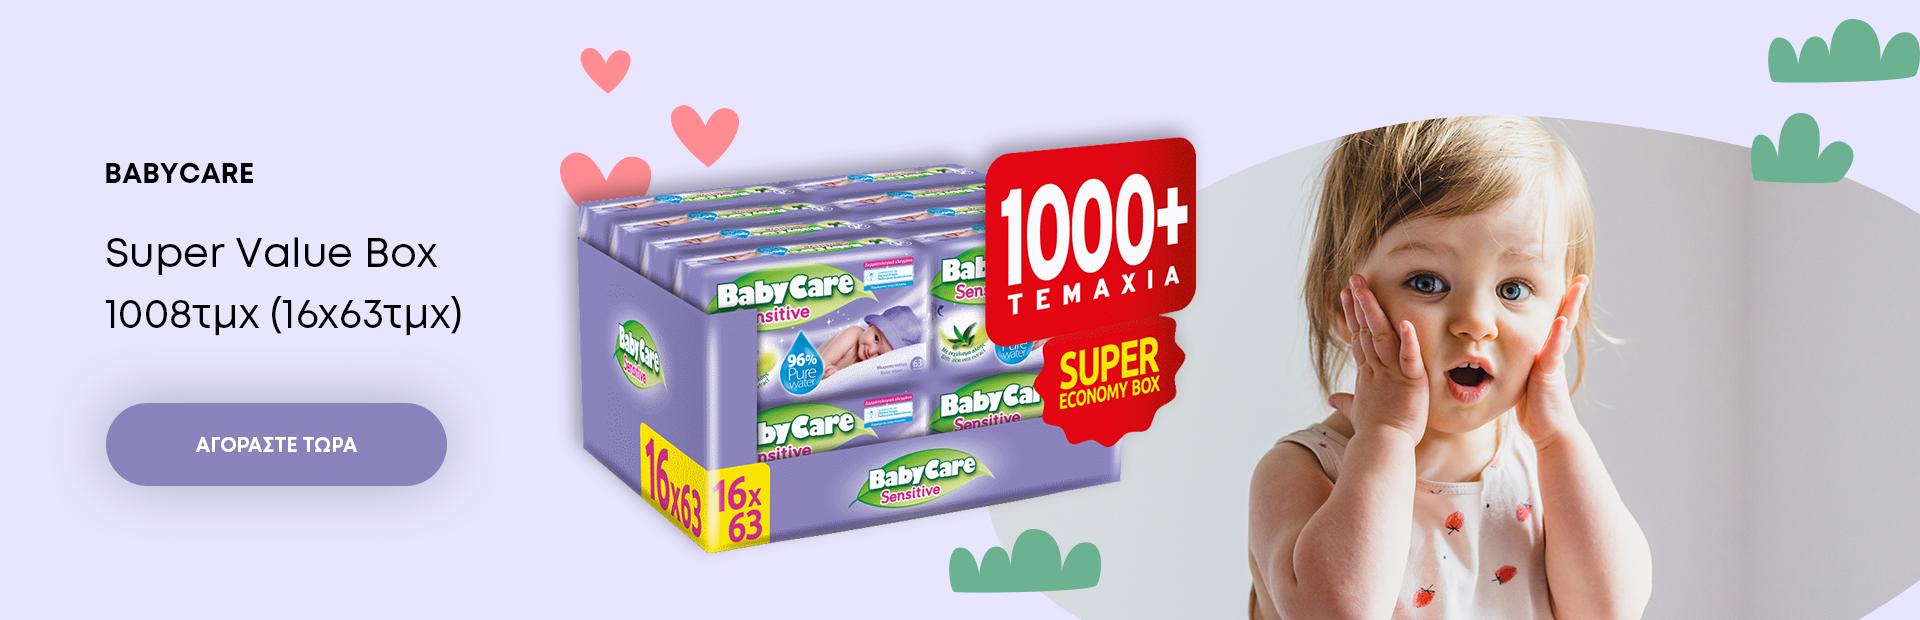 BabyCare Sensitive Super Value Box